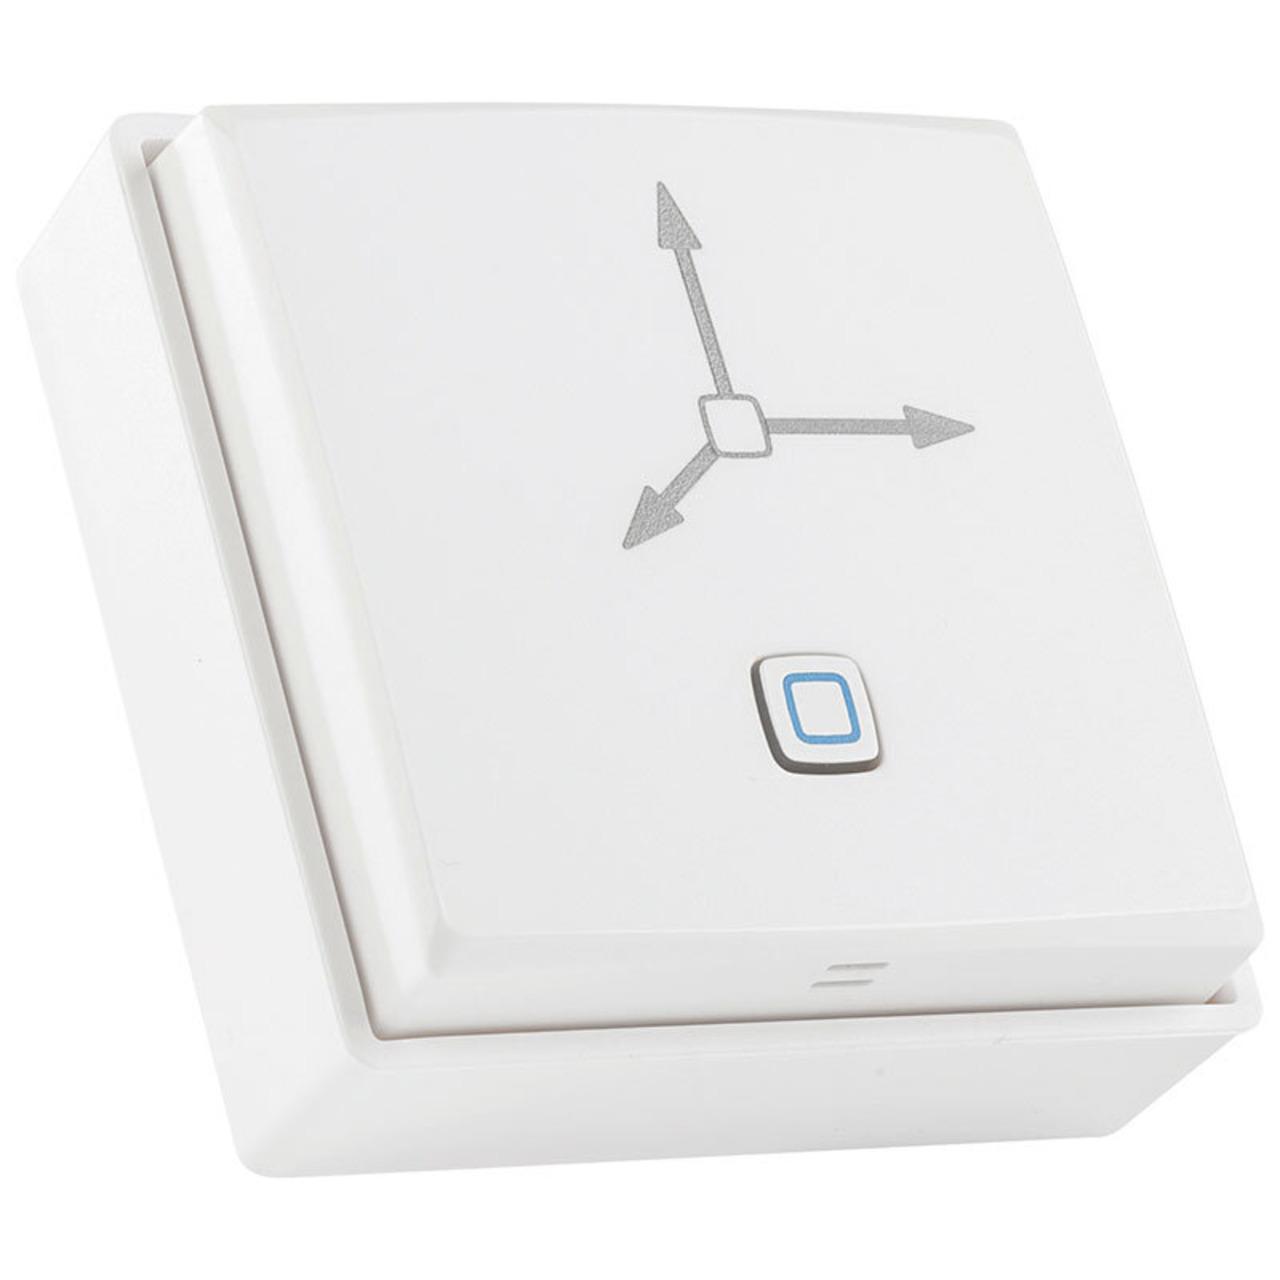 ELV Homematic IP Bausatz Beschleunigungssensor HmIP-SAM- für Smart Home - Hausautomation